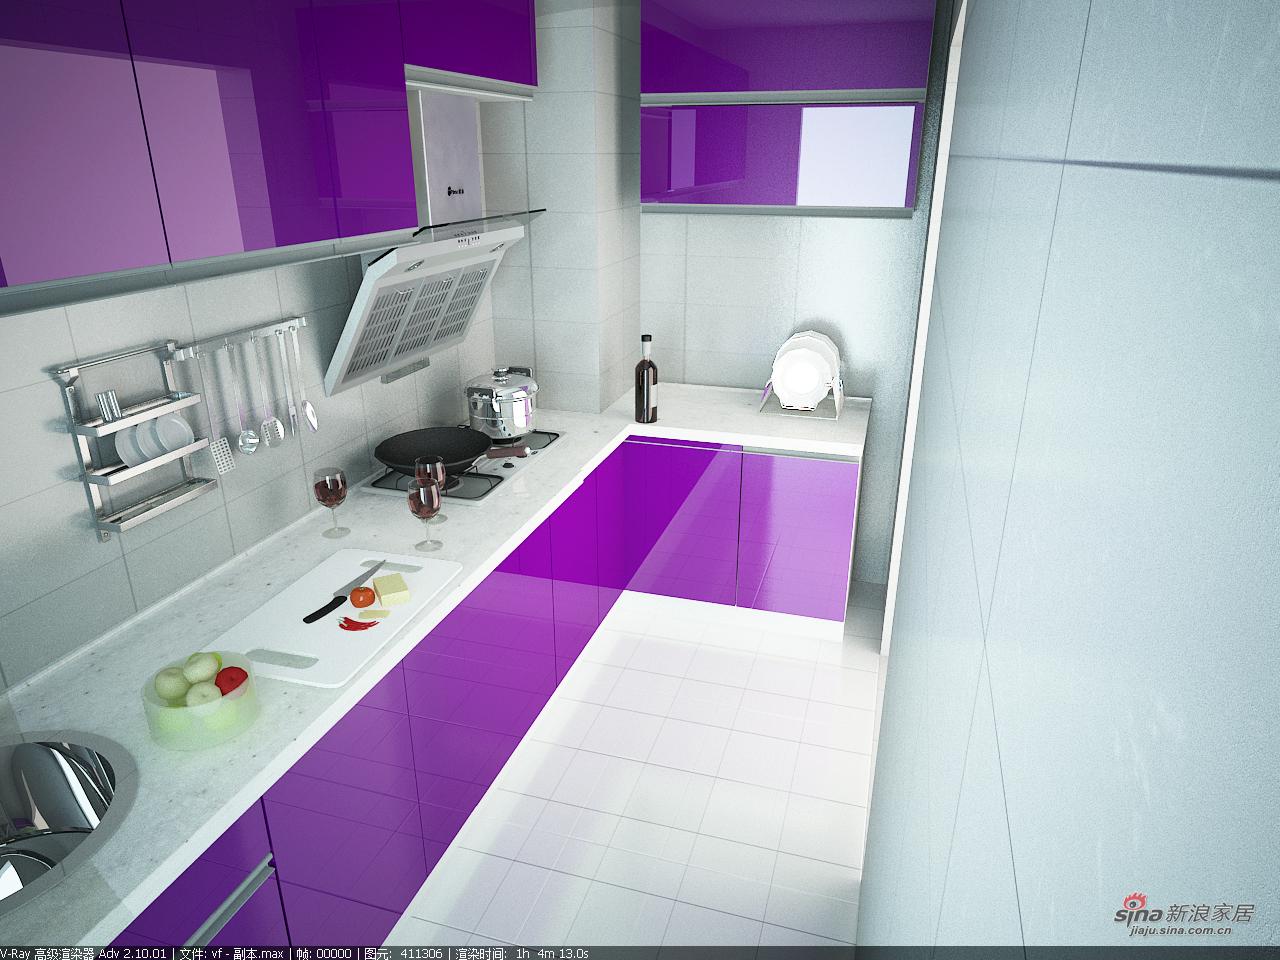 其他 三居 厨房图片来自用户2558746857在紫色典雅家装三居室89的分享